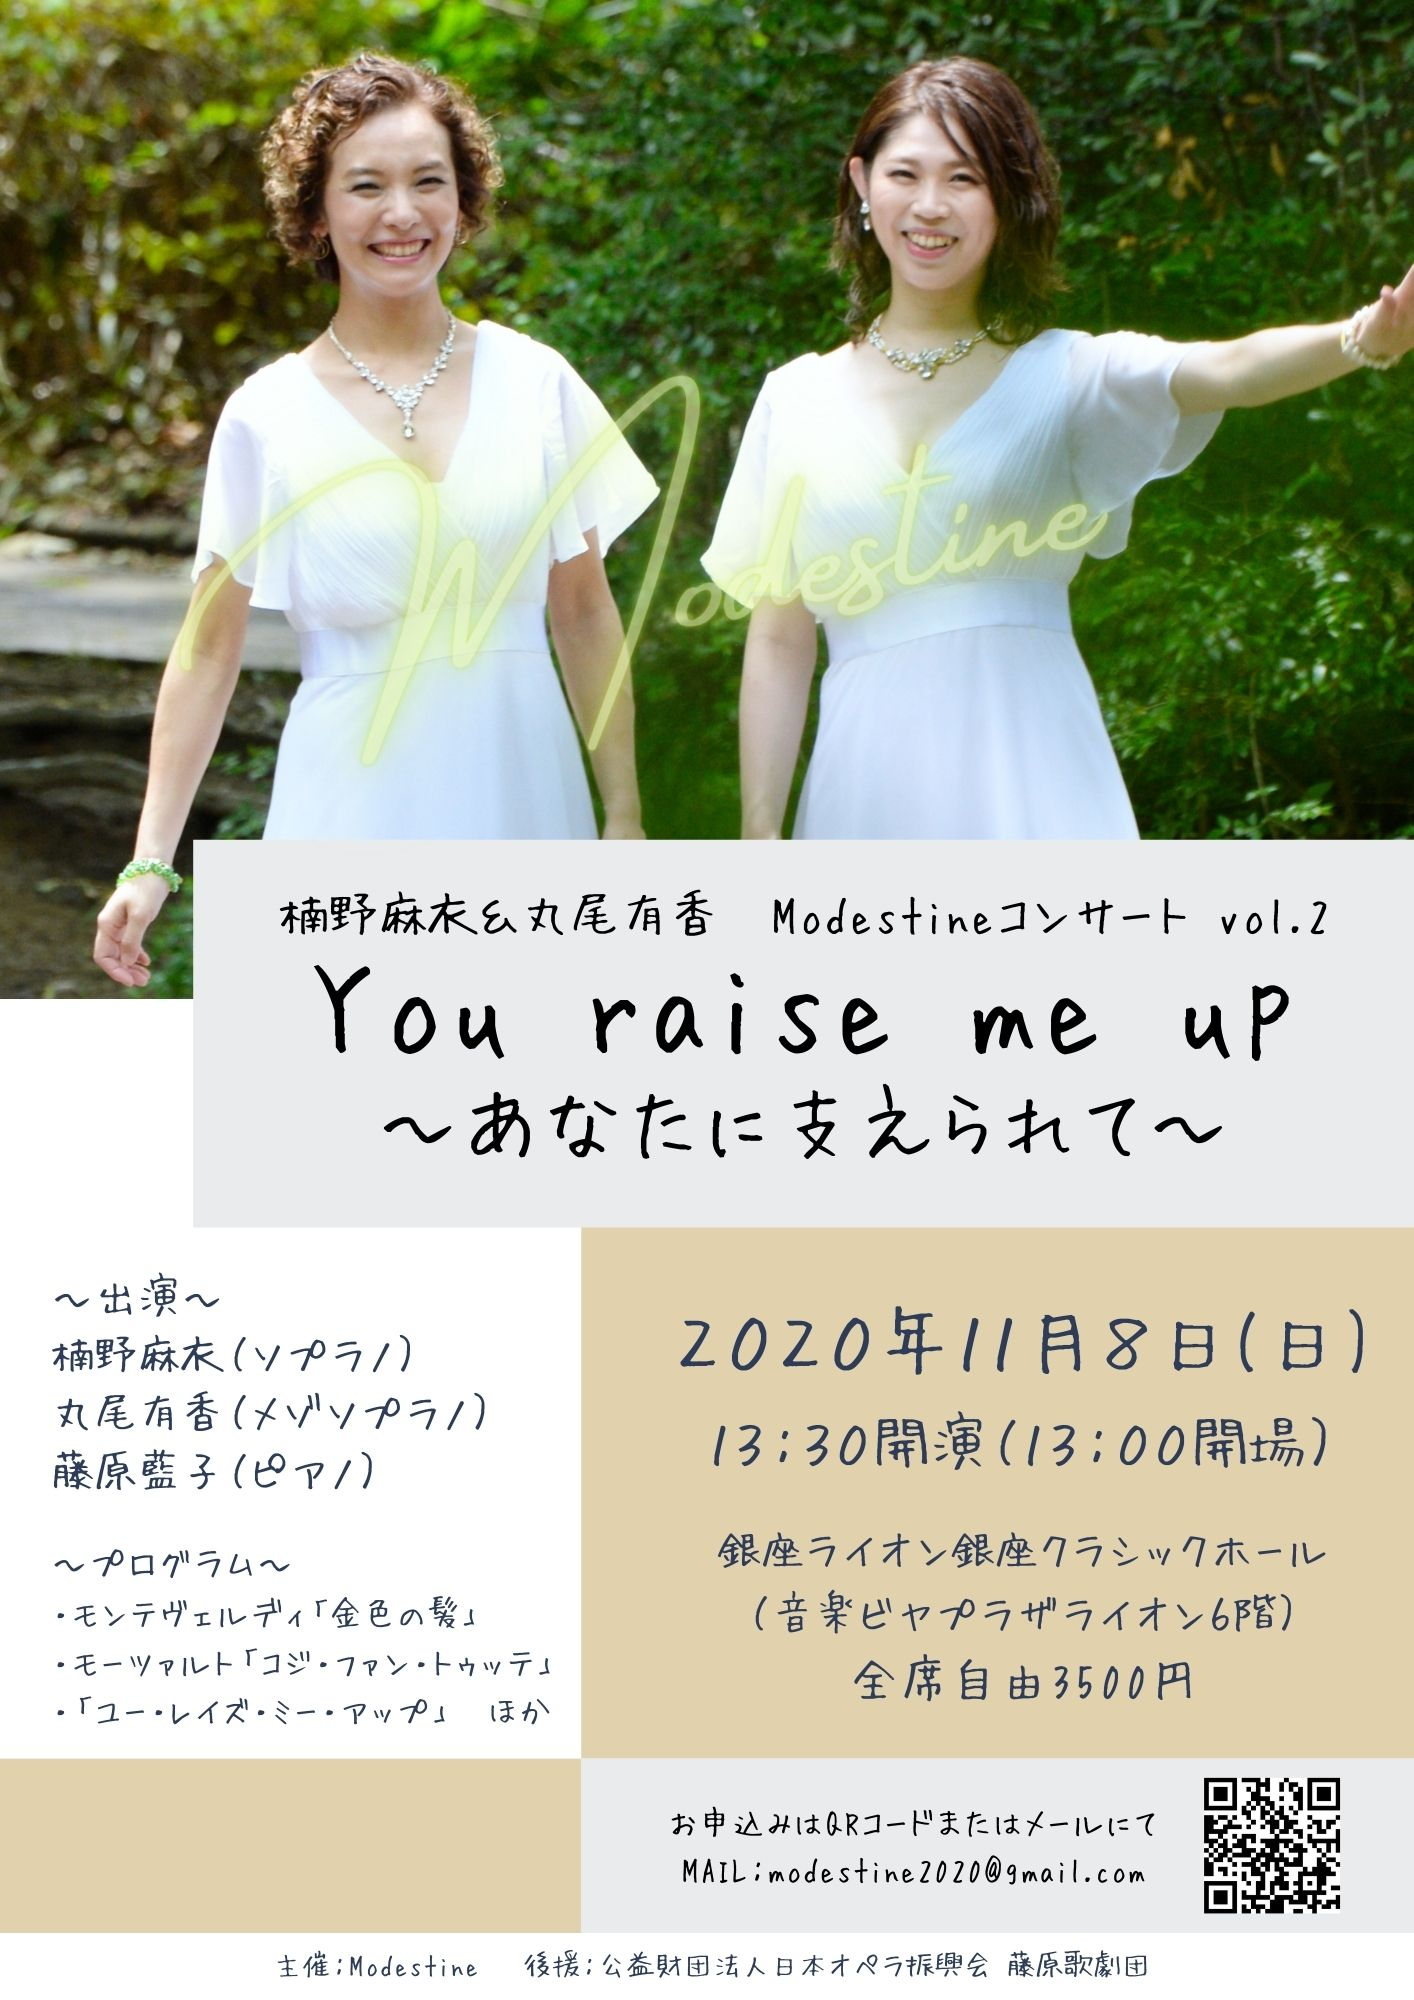 楠野麻衣&丸尾有香Modestineコンサート vol.2 You raise me up~あなたに支えられて~